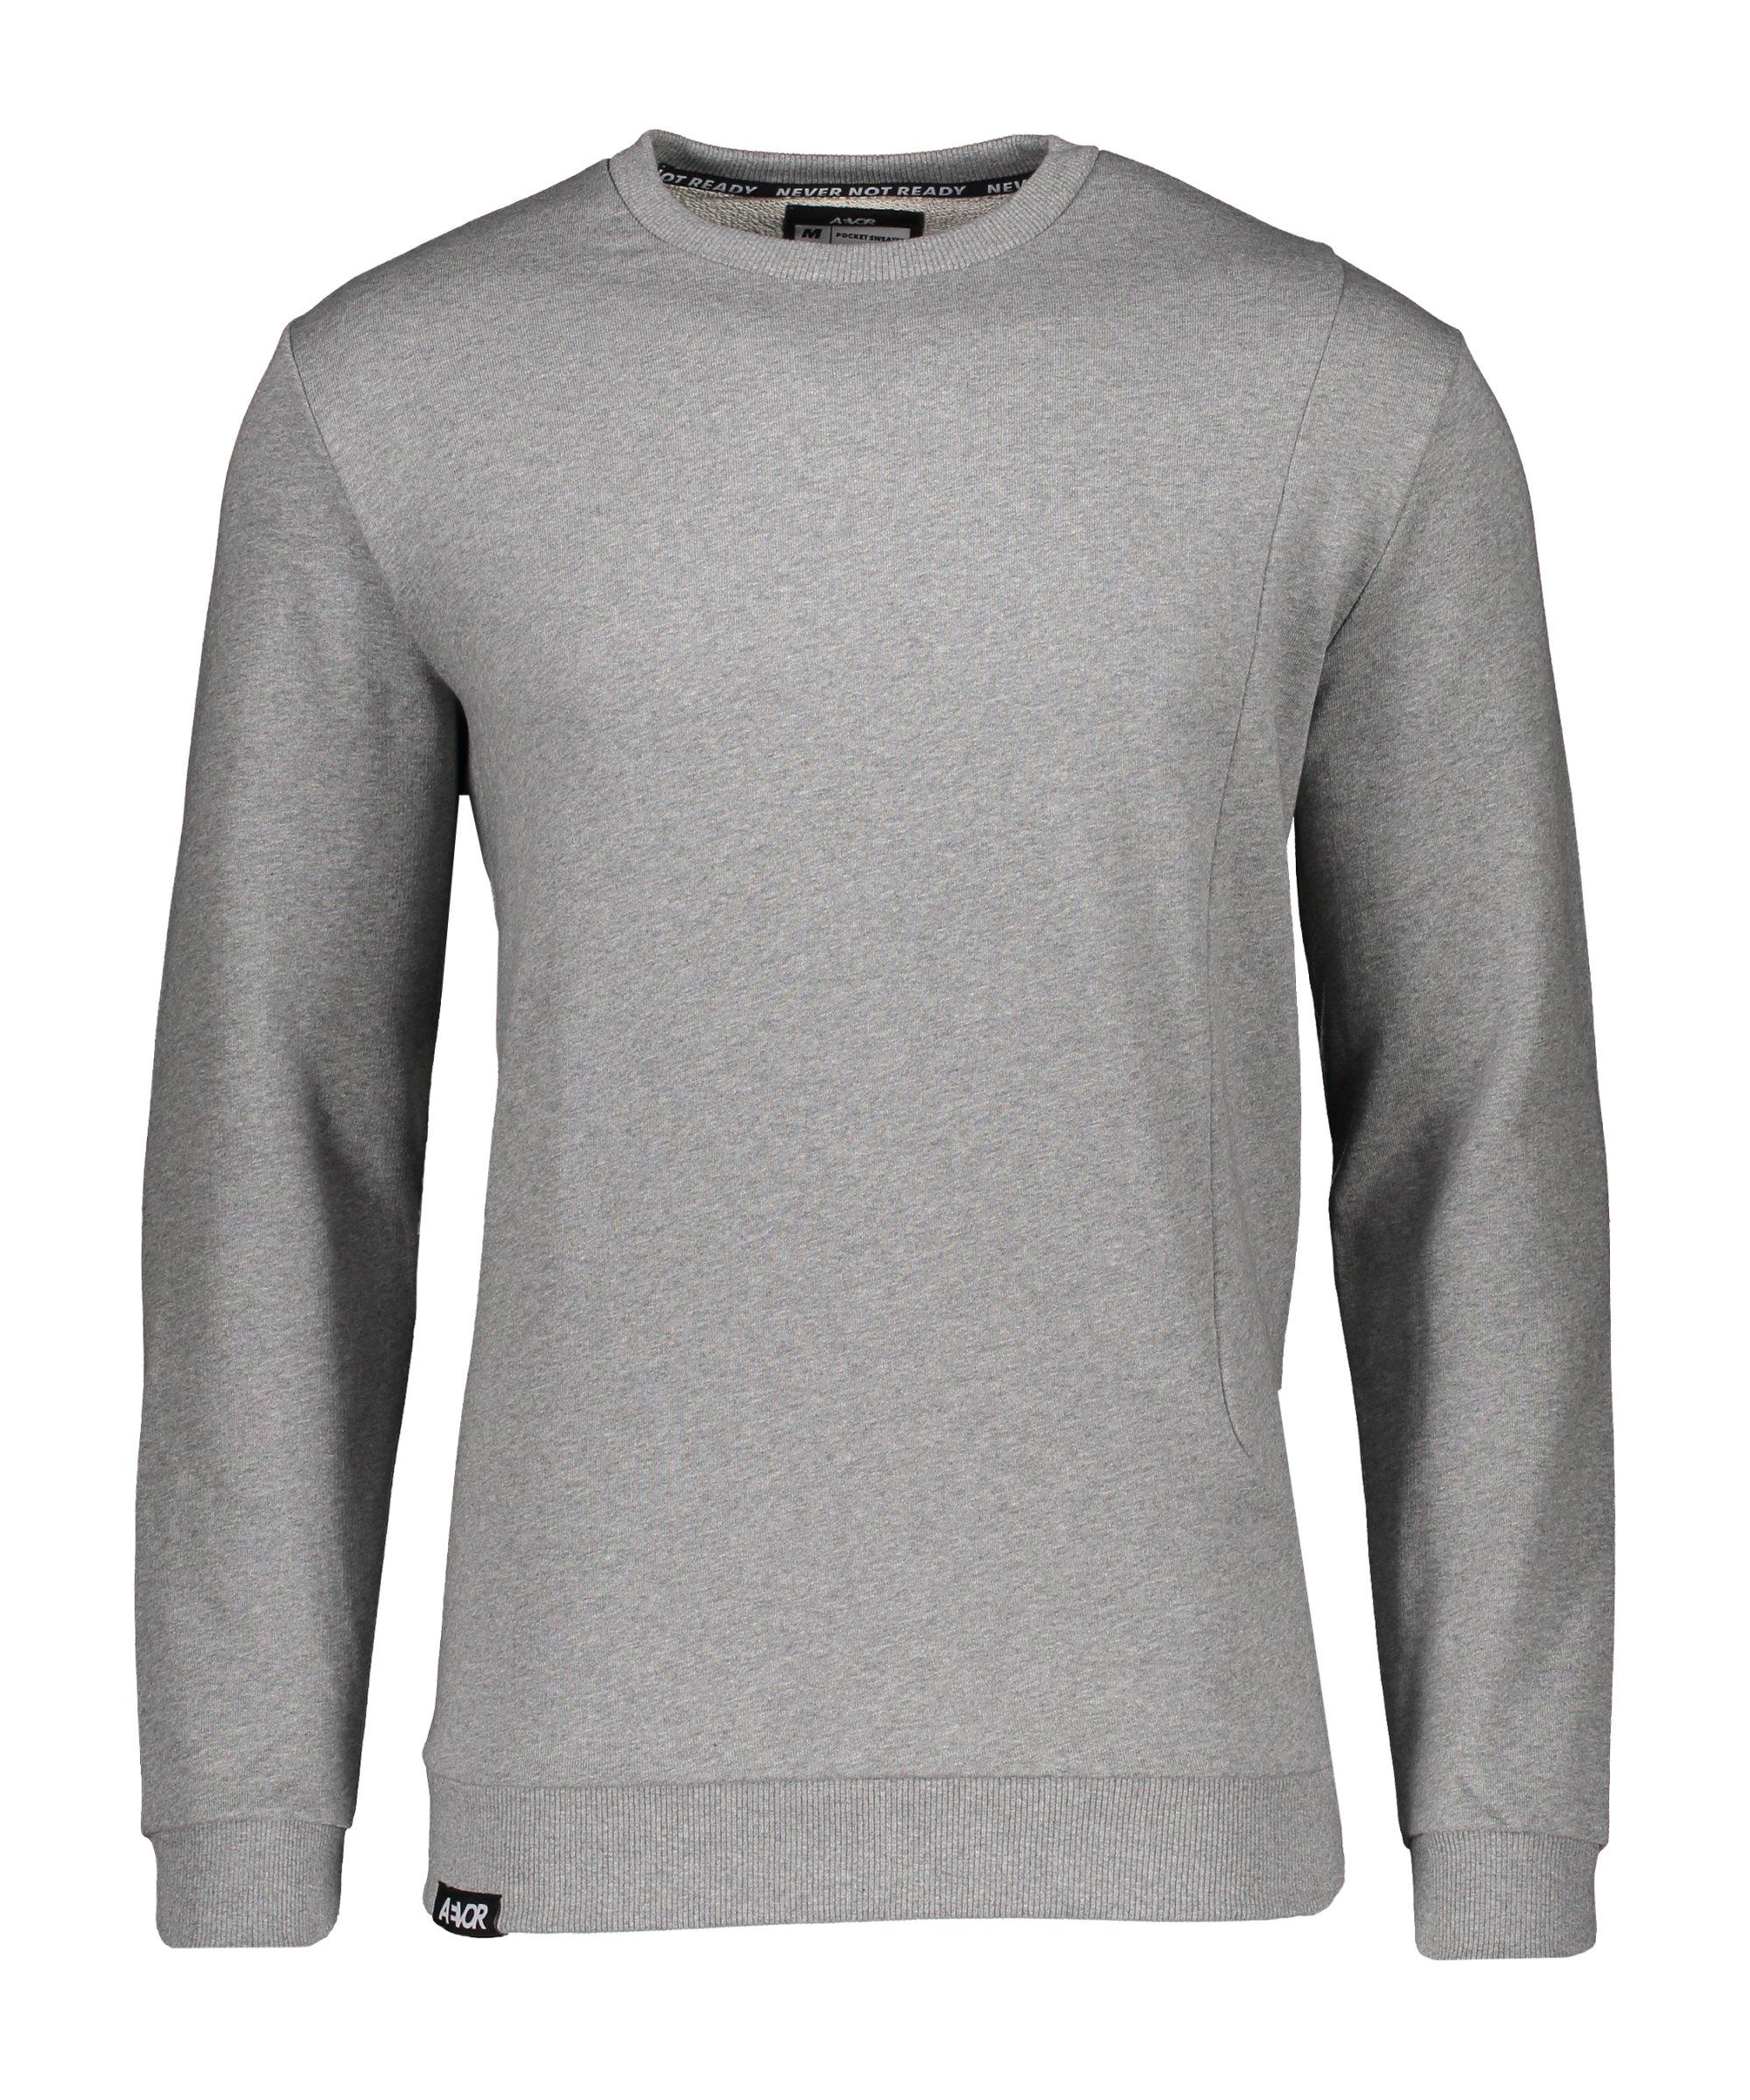 AEVOR Pocket Sweatshirt Grau F80078 - grau